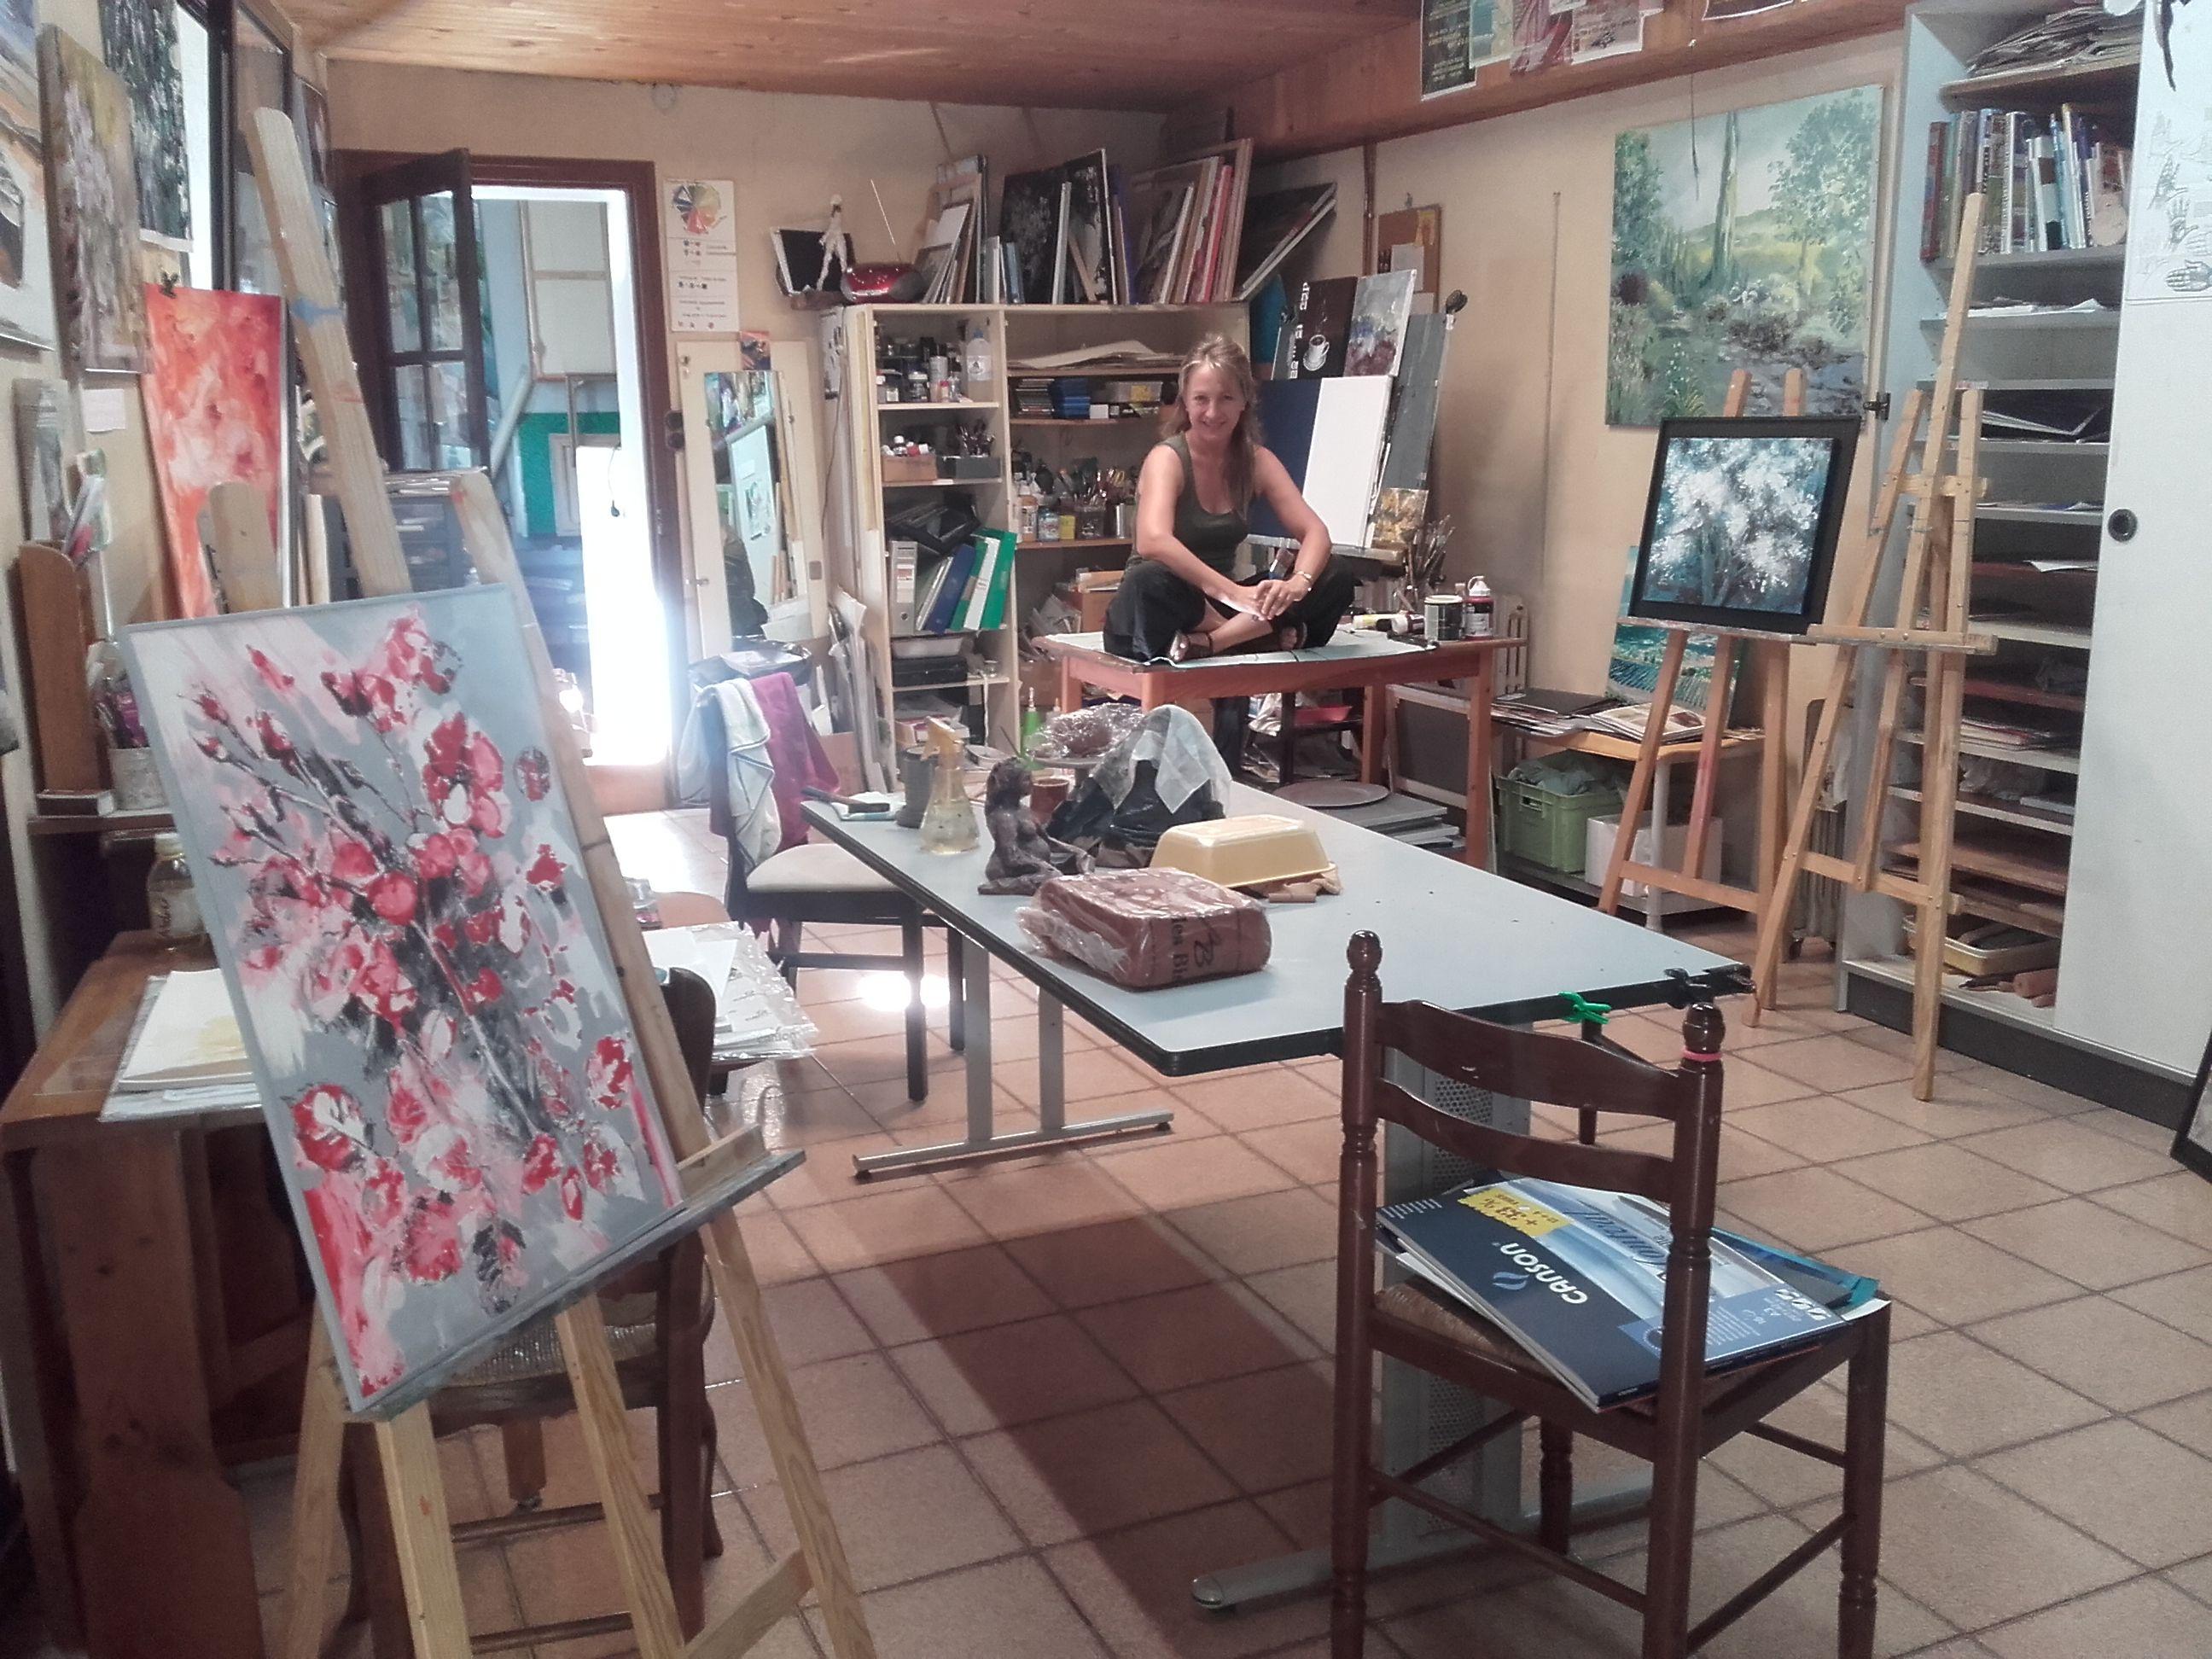 Estagel Journee Porte Ouverte A L Atelier De Marguerite Briu Journee Portes Ouvertes Porte Ouverte Caveau